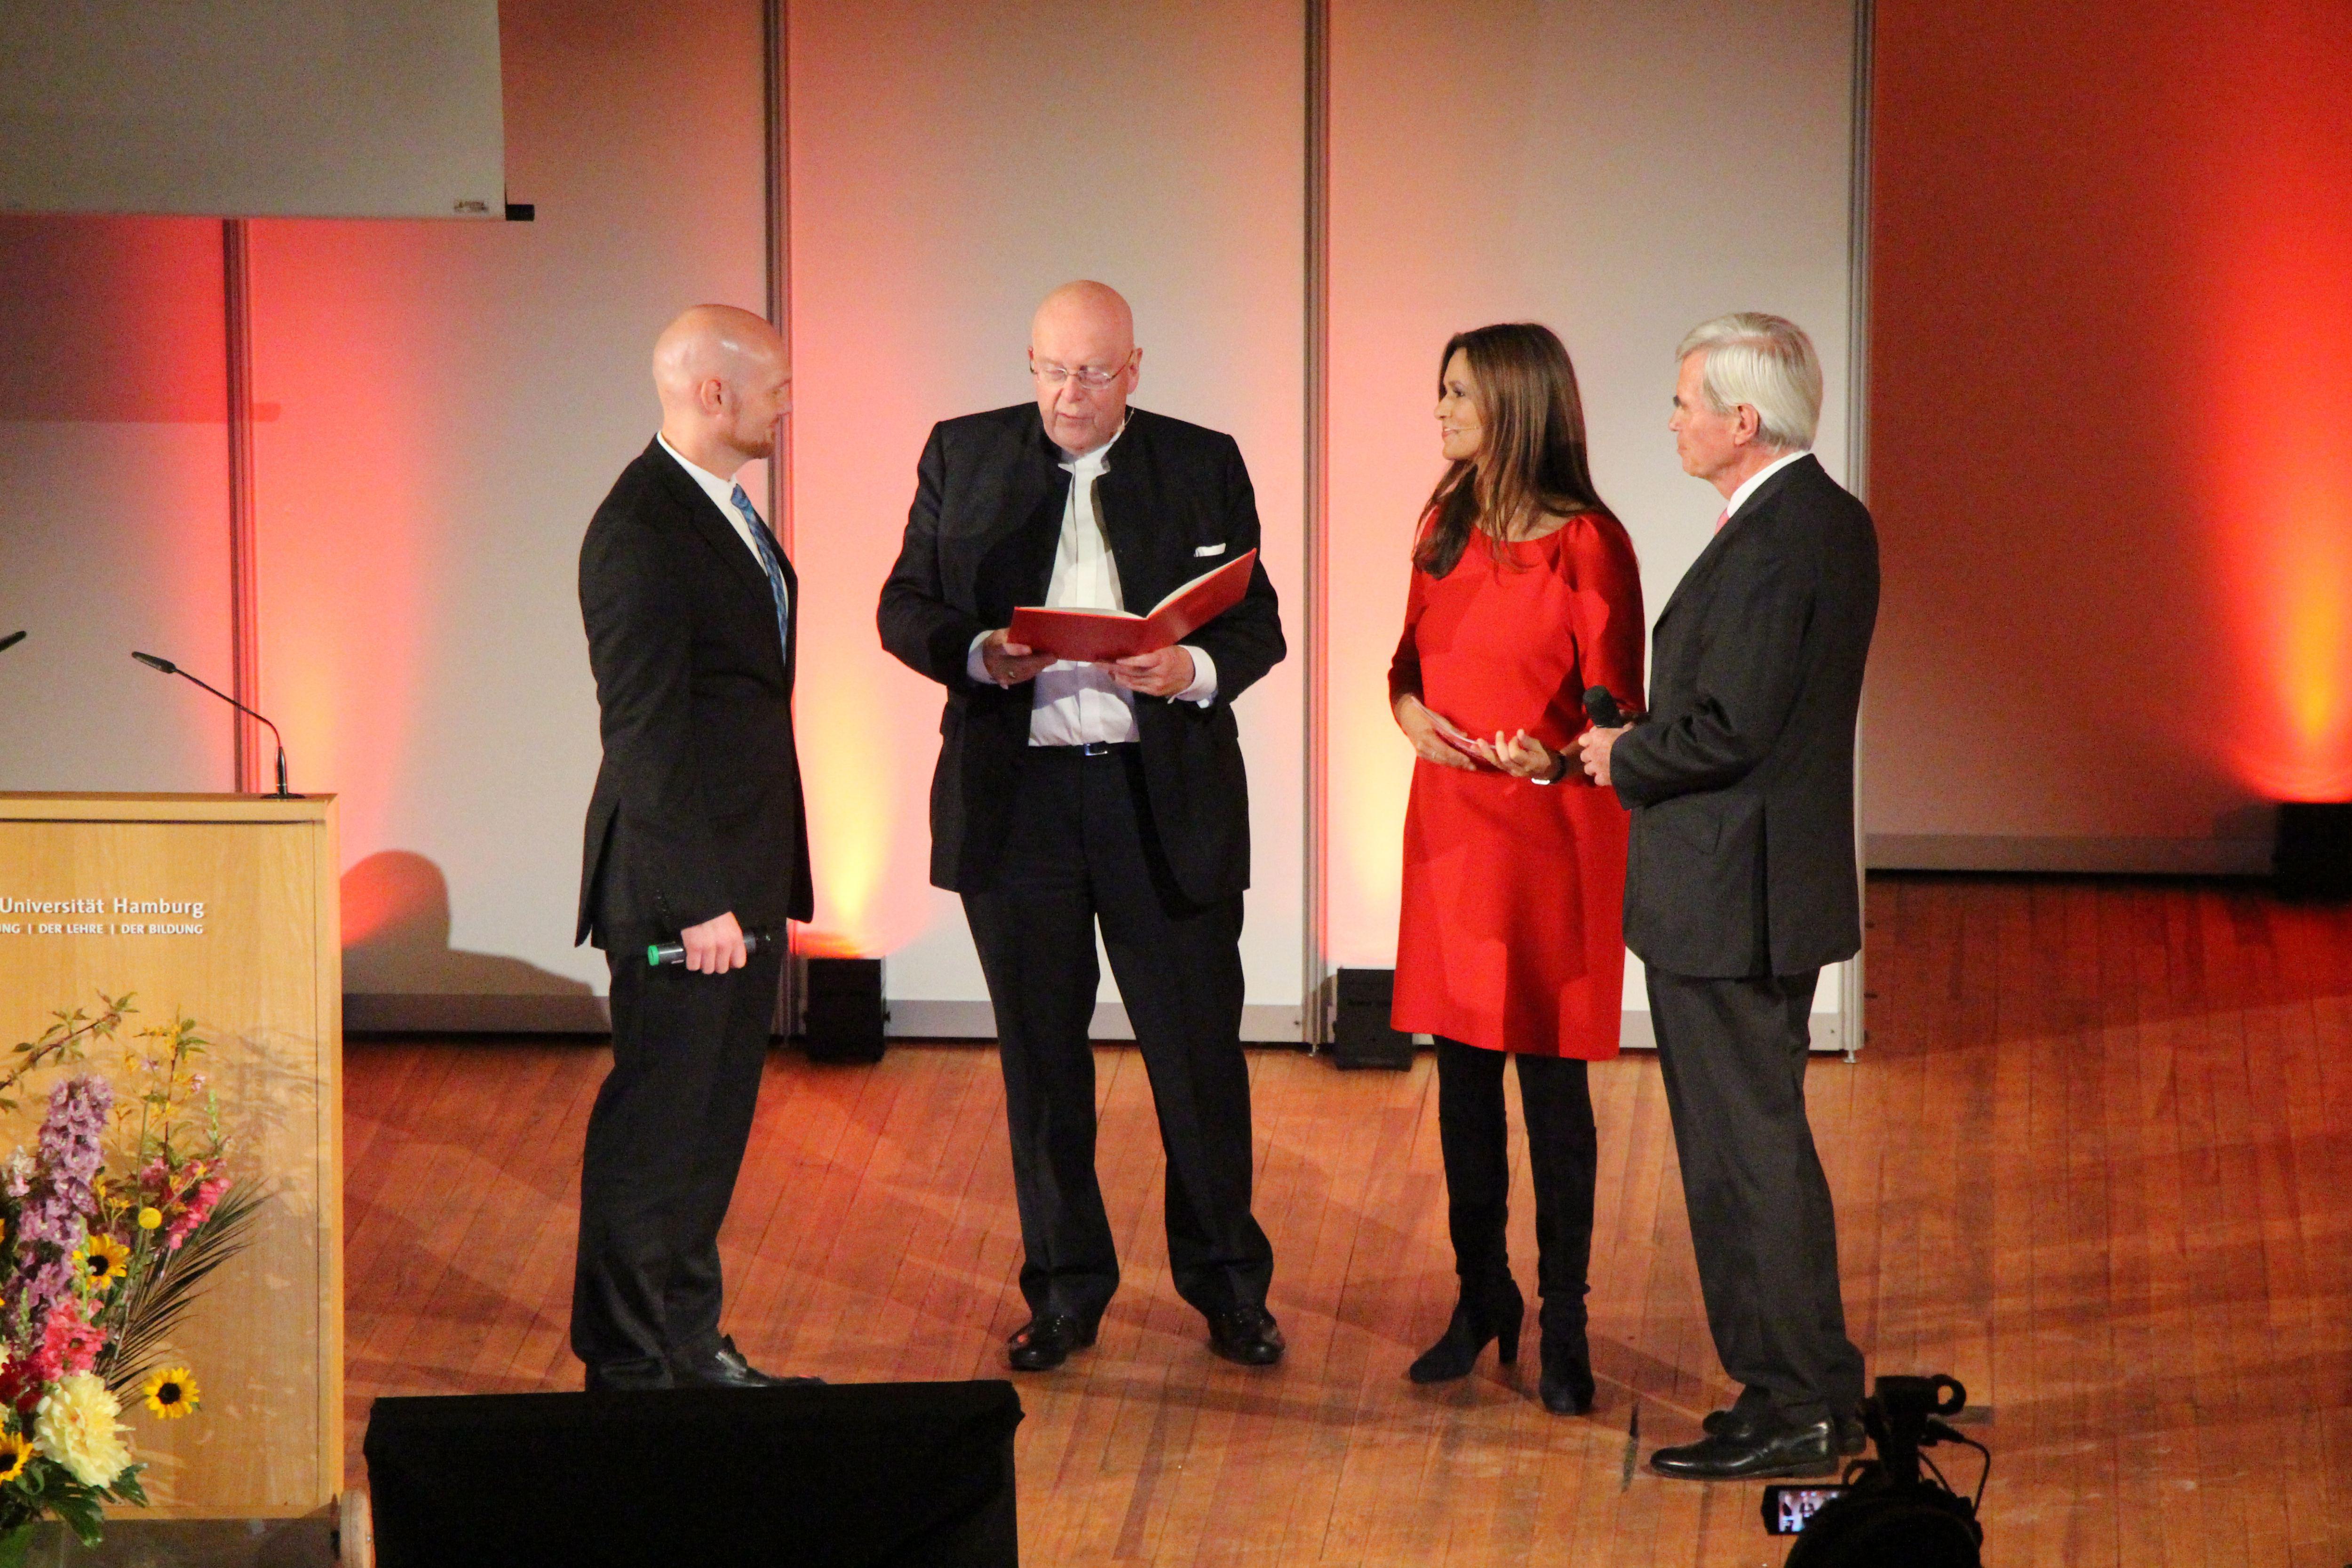 Alexander Gerst wurde zum Ehrensenator ernannt. Foto: Alicia Wischhusen